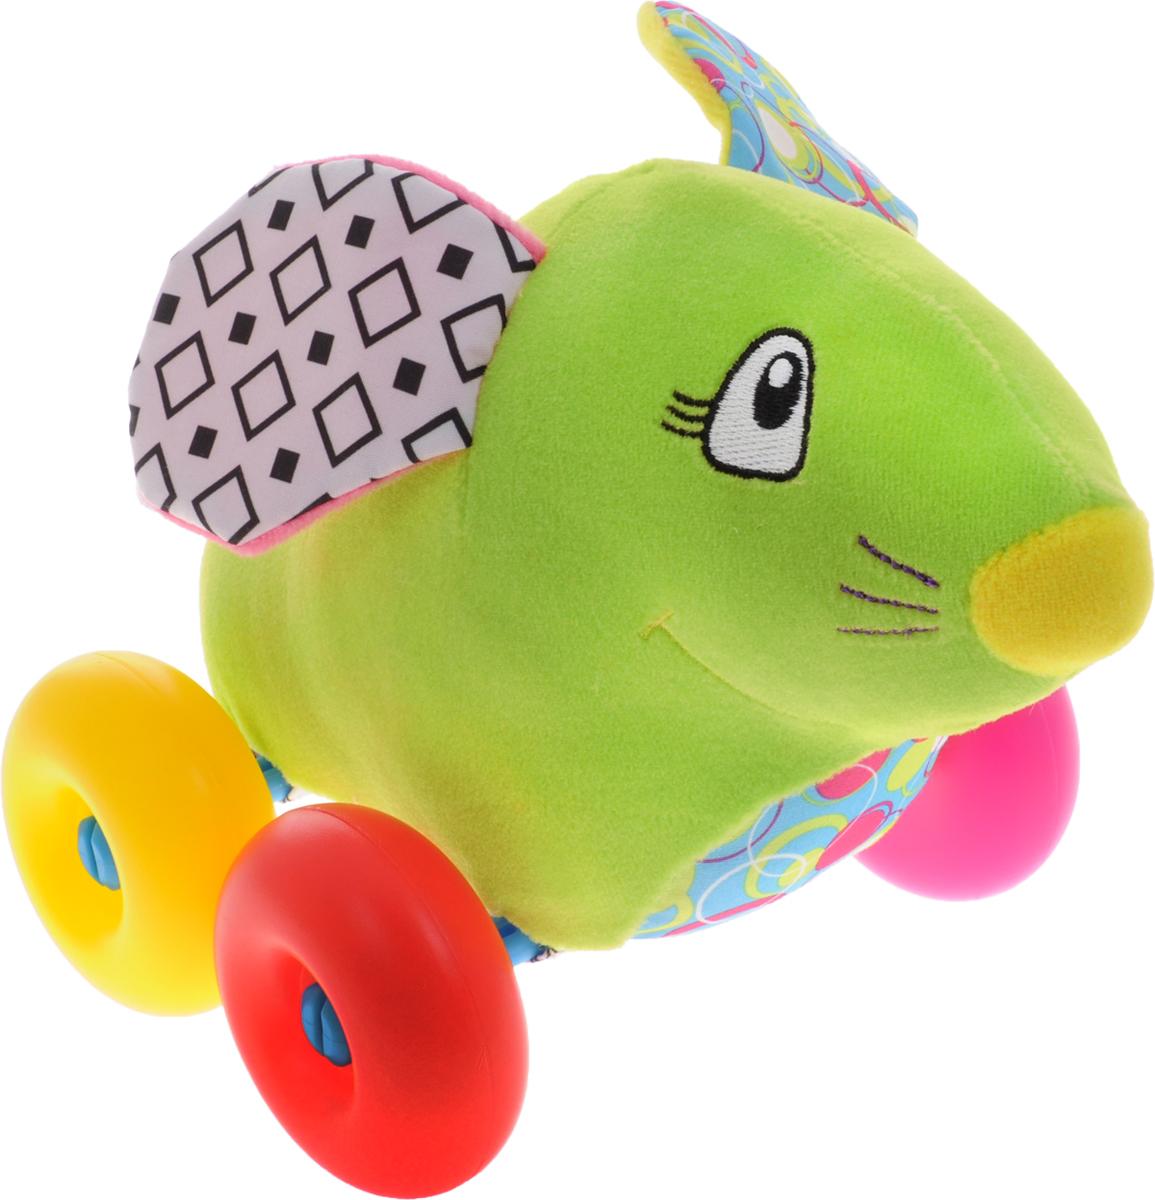 Жирафики Игрушка-каталка Мышка93876Симпатичная игрушка-каталка Жирафики Мышка из яркого и мягкого материала обязательно понравится малышу. Игрушка на больших пластмассовых колесиках, поэтому ее легко катать даже самым маленьким детям. В ушах у мышки спрятаны шуршалки, играя с которыми ребенок развивает тактильные ощущения и мелкую моторику рук. Игрушка-каталка развивает пространственное мышление, цветовое восприятие, ловкость и координацию движений.